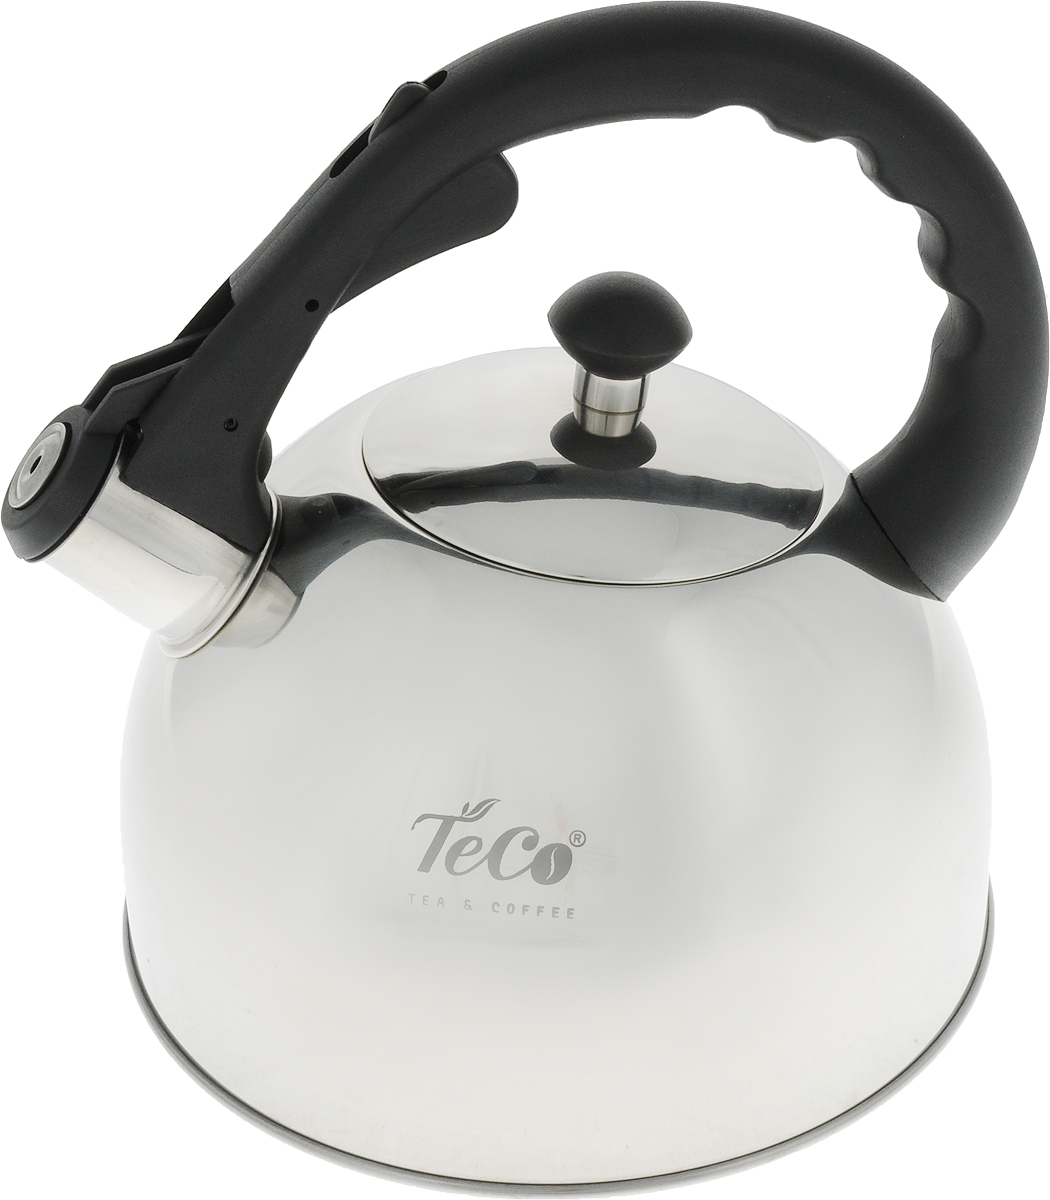 Чайник Teco, со свистком, цвет: стальной, черный, 3 л. TC-118TC-118Чайник Teco выполнен из высококачественной нержавеющей стали, которая не окисляется и не впитывает запахи, напитки всегда будут ароматны. Фиксированная ручка, изготовленная из металла и бакелита, снабжена клавишей для открывания носика, что делает использование чайника очень удобным и безопасным. Носик снабжен свистком, что позволит вам контролировать процесс подогрева или кипячения воды.Эстетичный и функциональный чайник будет оригинально смотреться в любом интерьере.Подходит для всех типов плит, кроме индукционных. Можно мыть в посудомоечной машине.